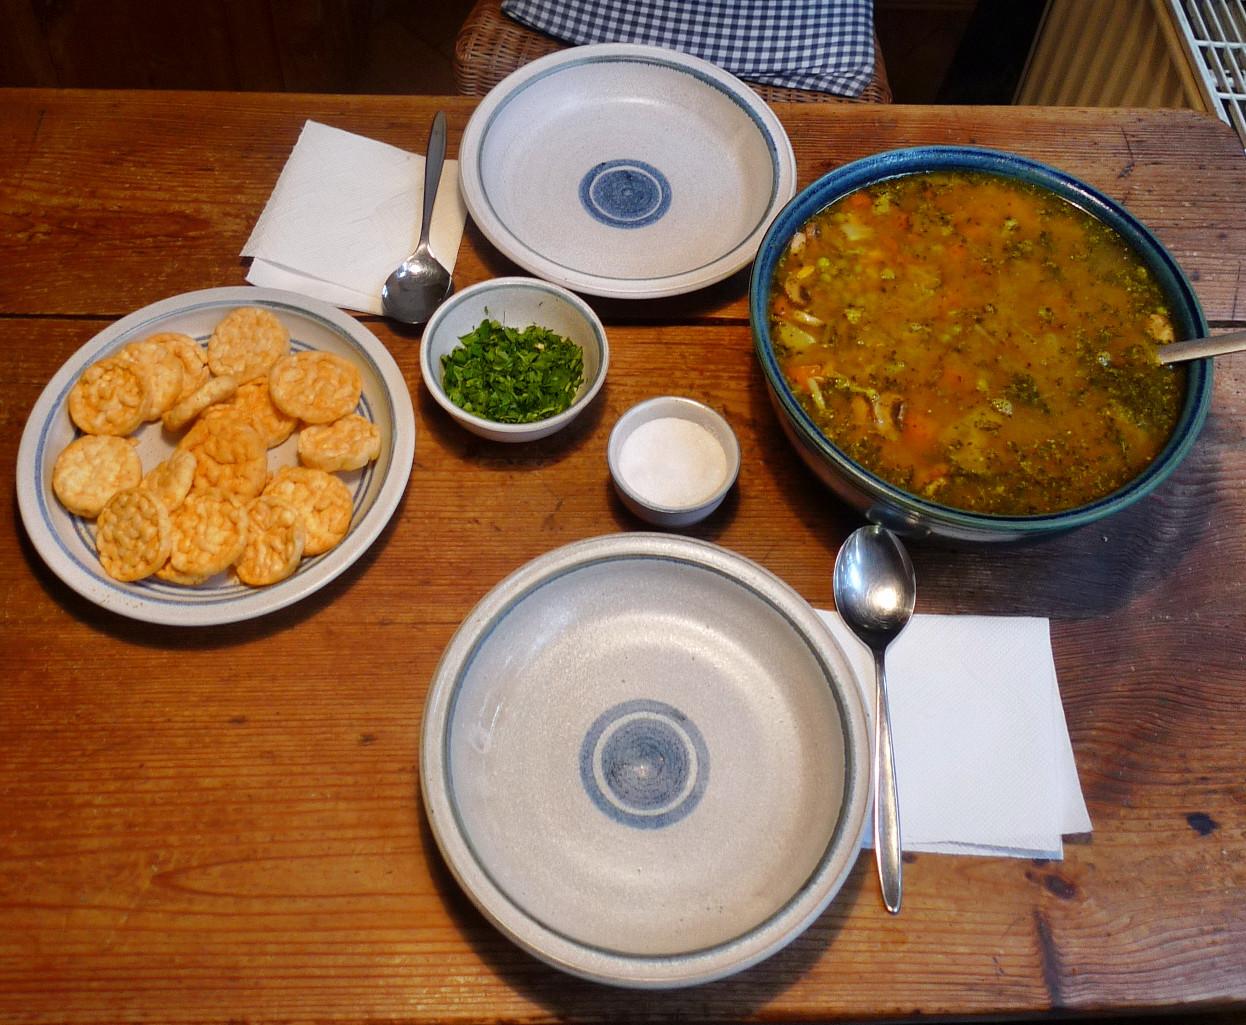 Gemüsesuppe mit Cräcker-6.3.15   (12)